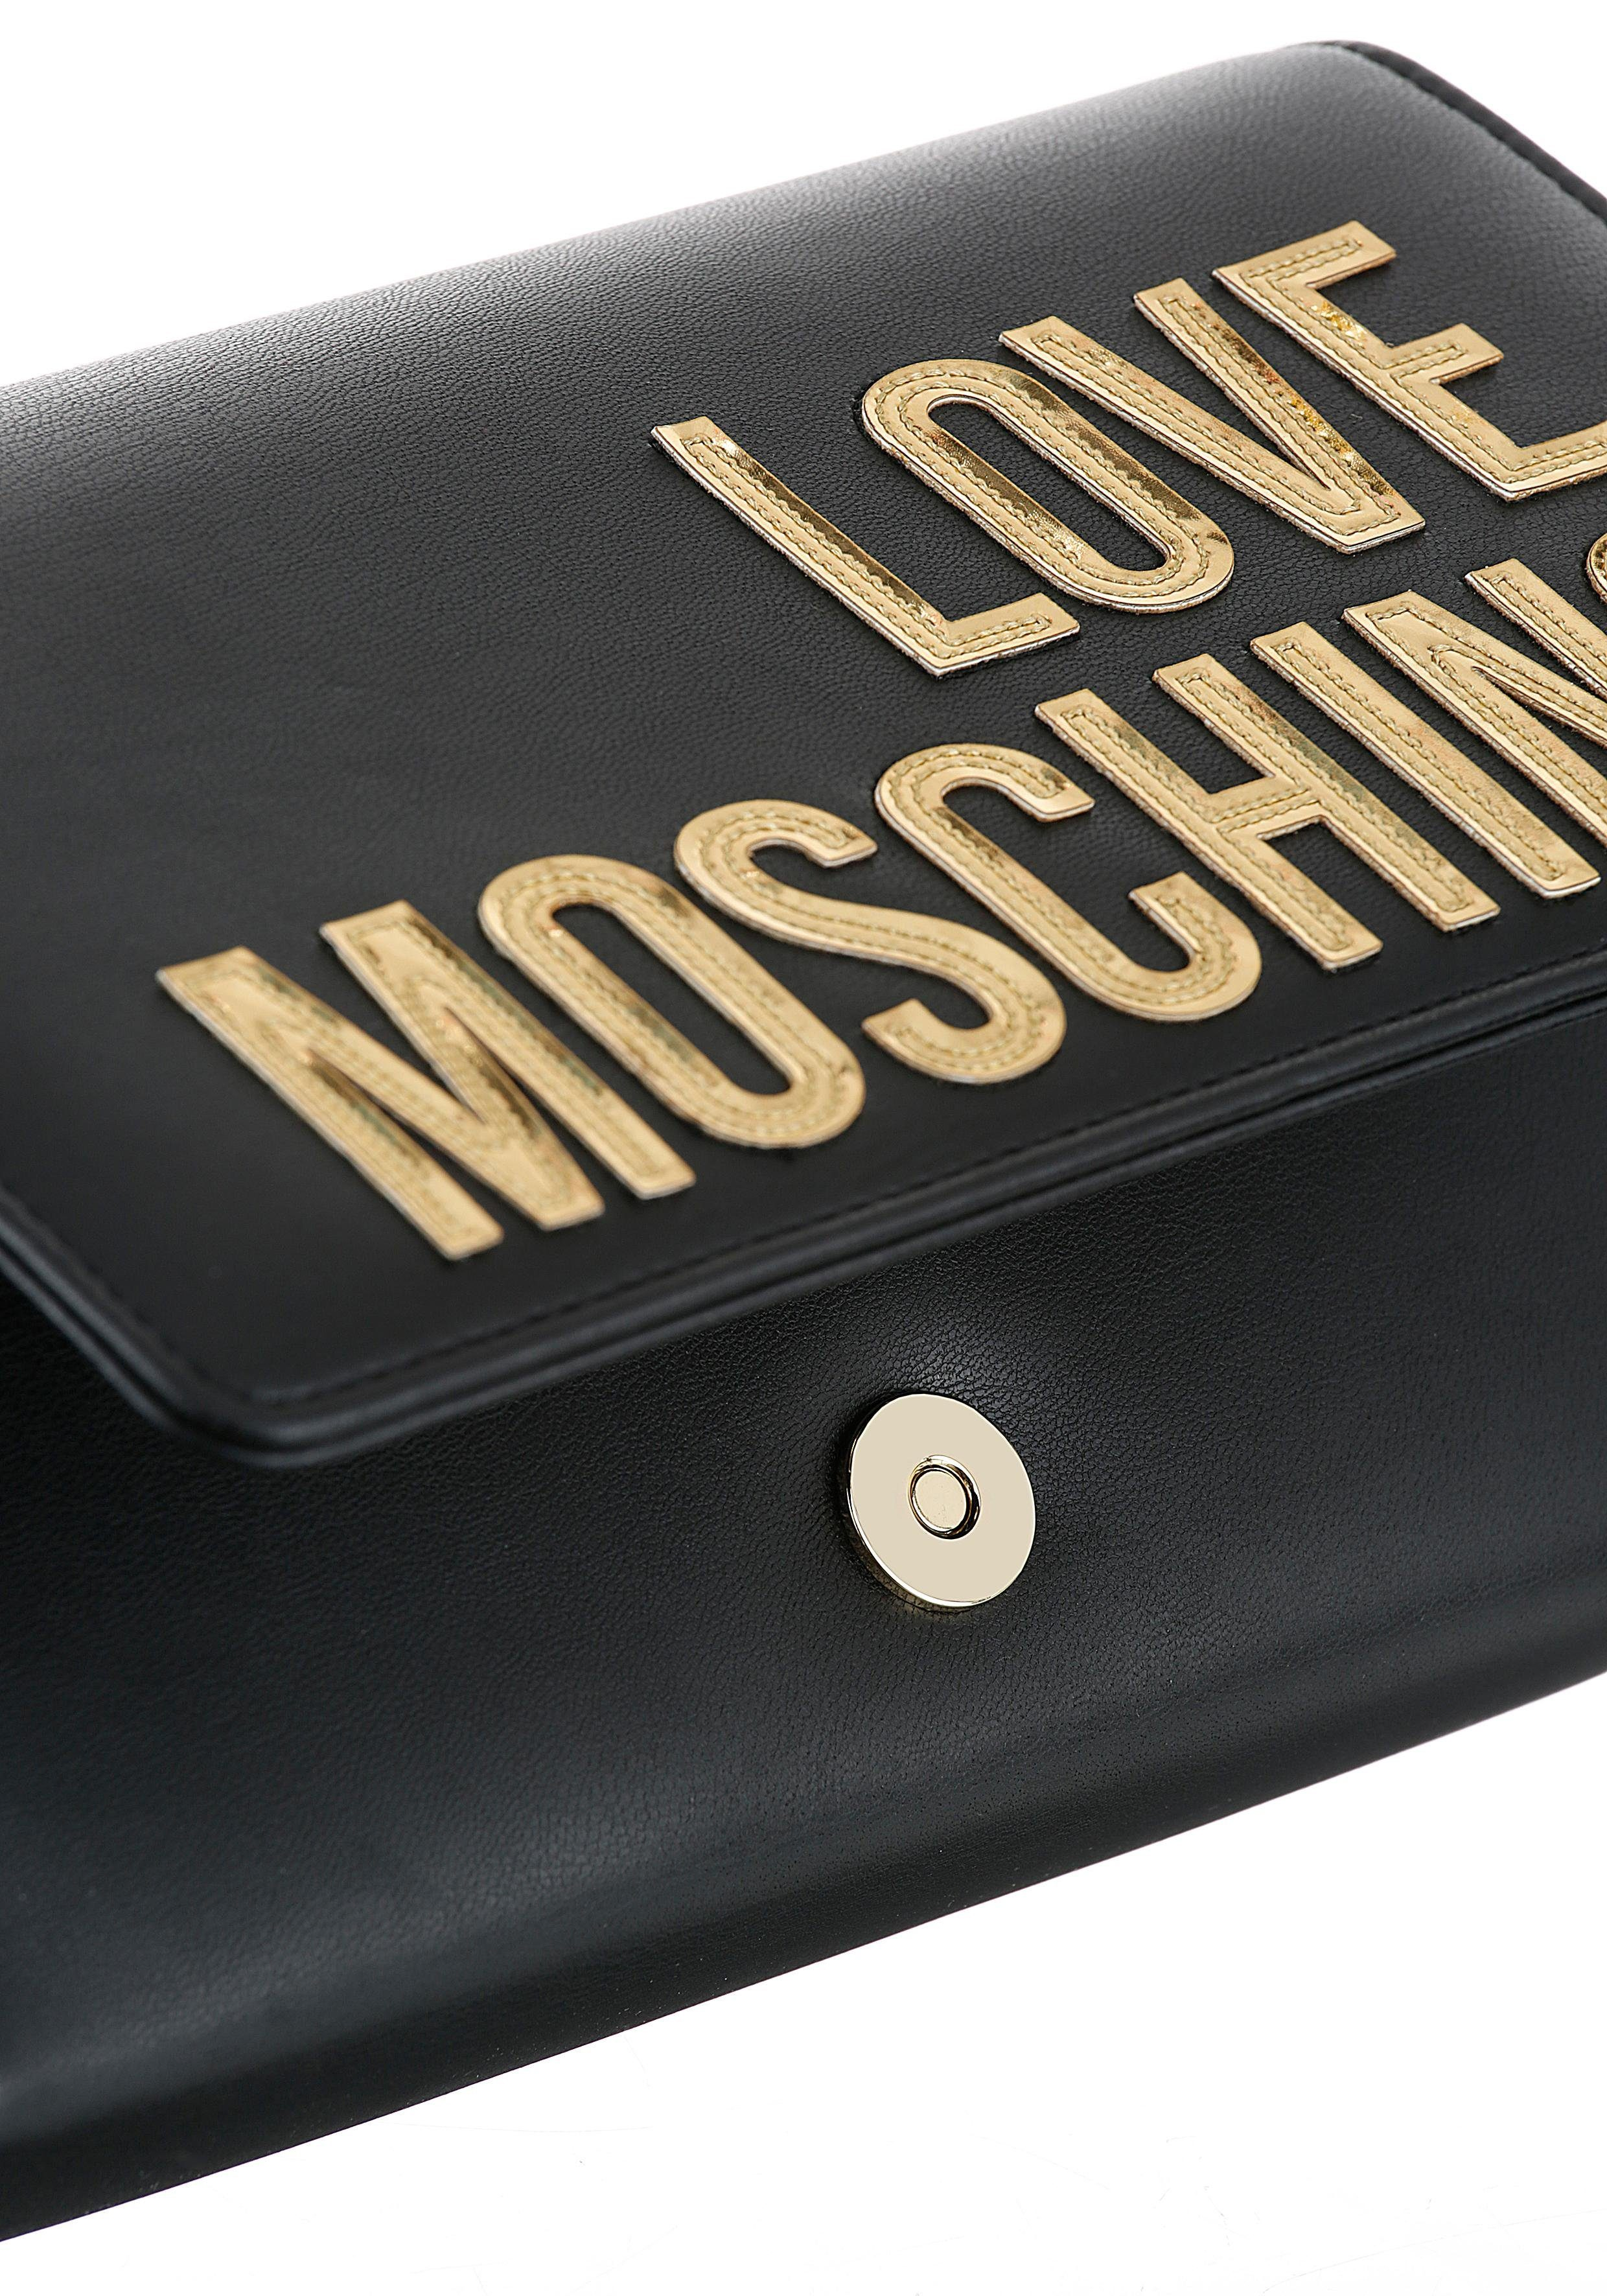 Modischer Moschino Tragekette Love Umhängetasche Mit qwXZcPv